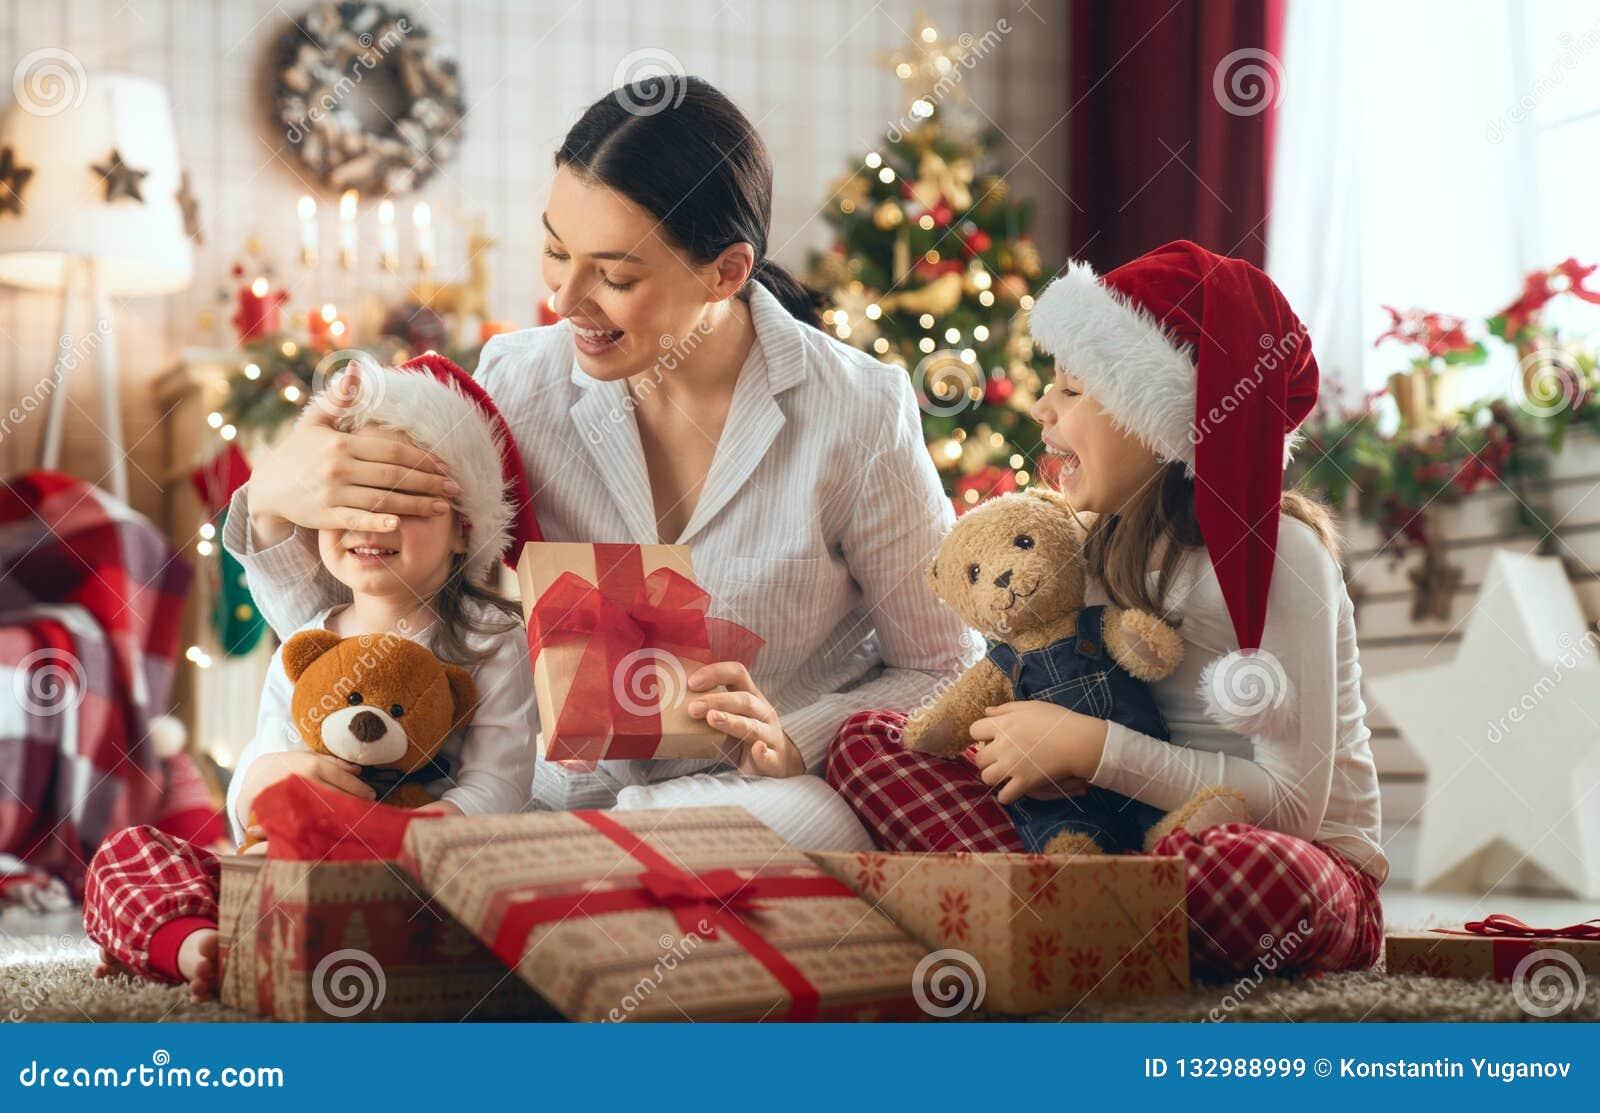 Geschenkideen Familie Weihnachten.Familie Die Weihnachten Feiert Stockbild Bild Von Geschenk